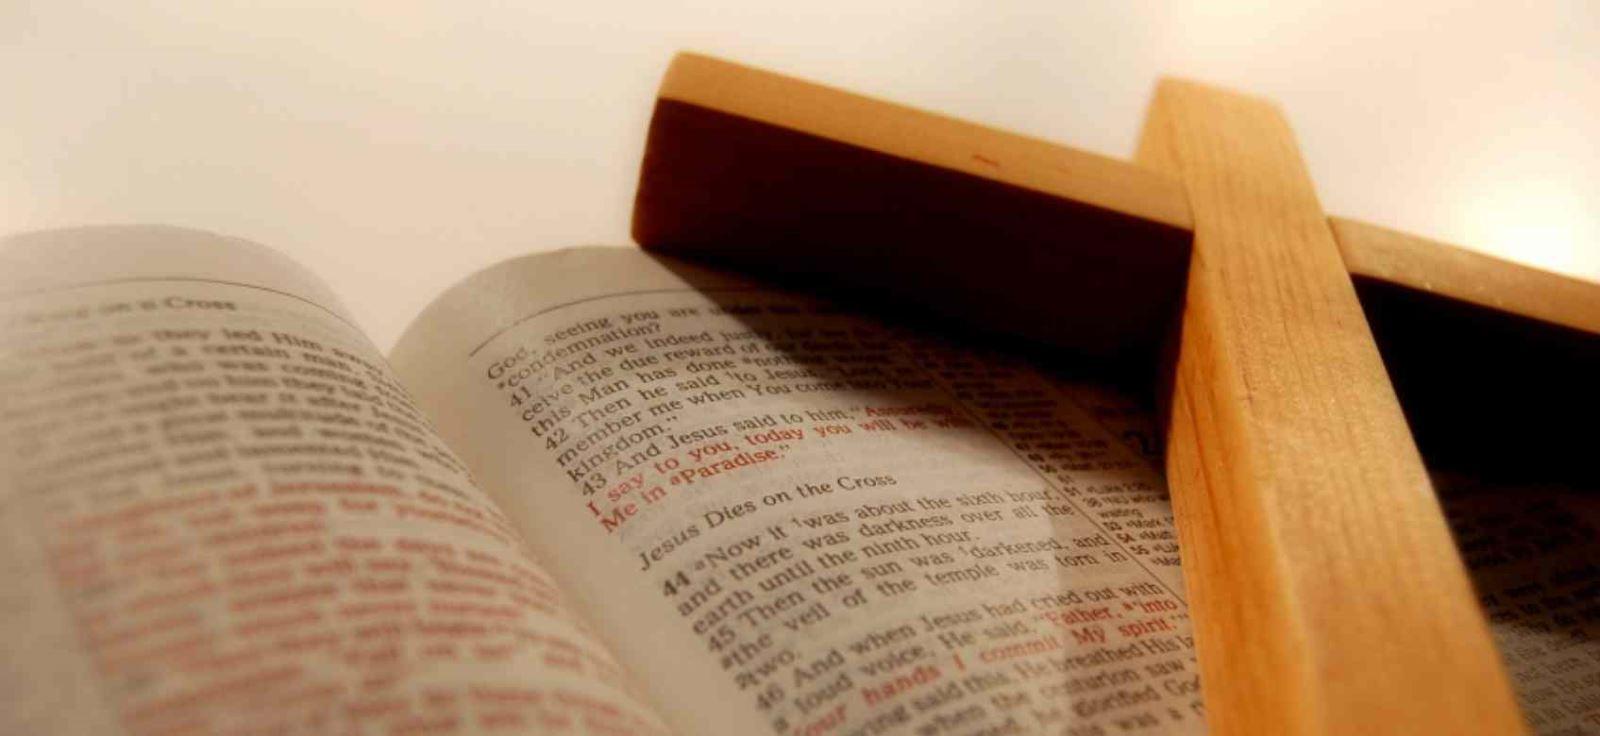 Kinh Thánh, ngọn đèn sáng soi